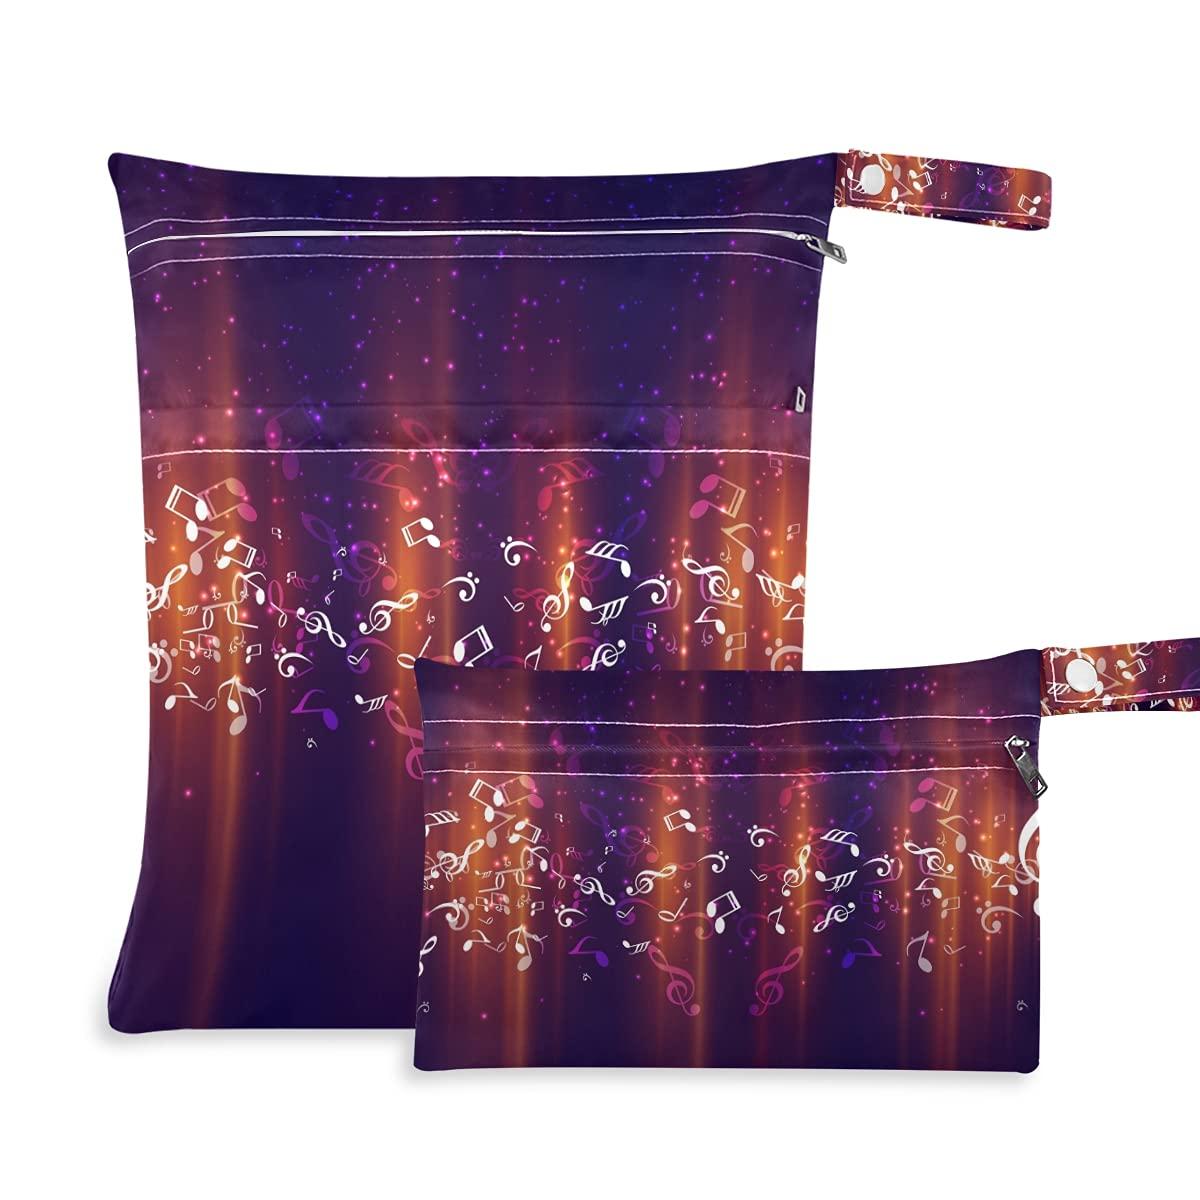 Fancy Award-winning store Music Popular brand Note Wet Dry for Diaper Reusable Swimsui Bag